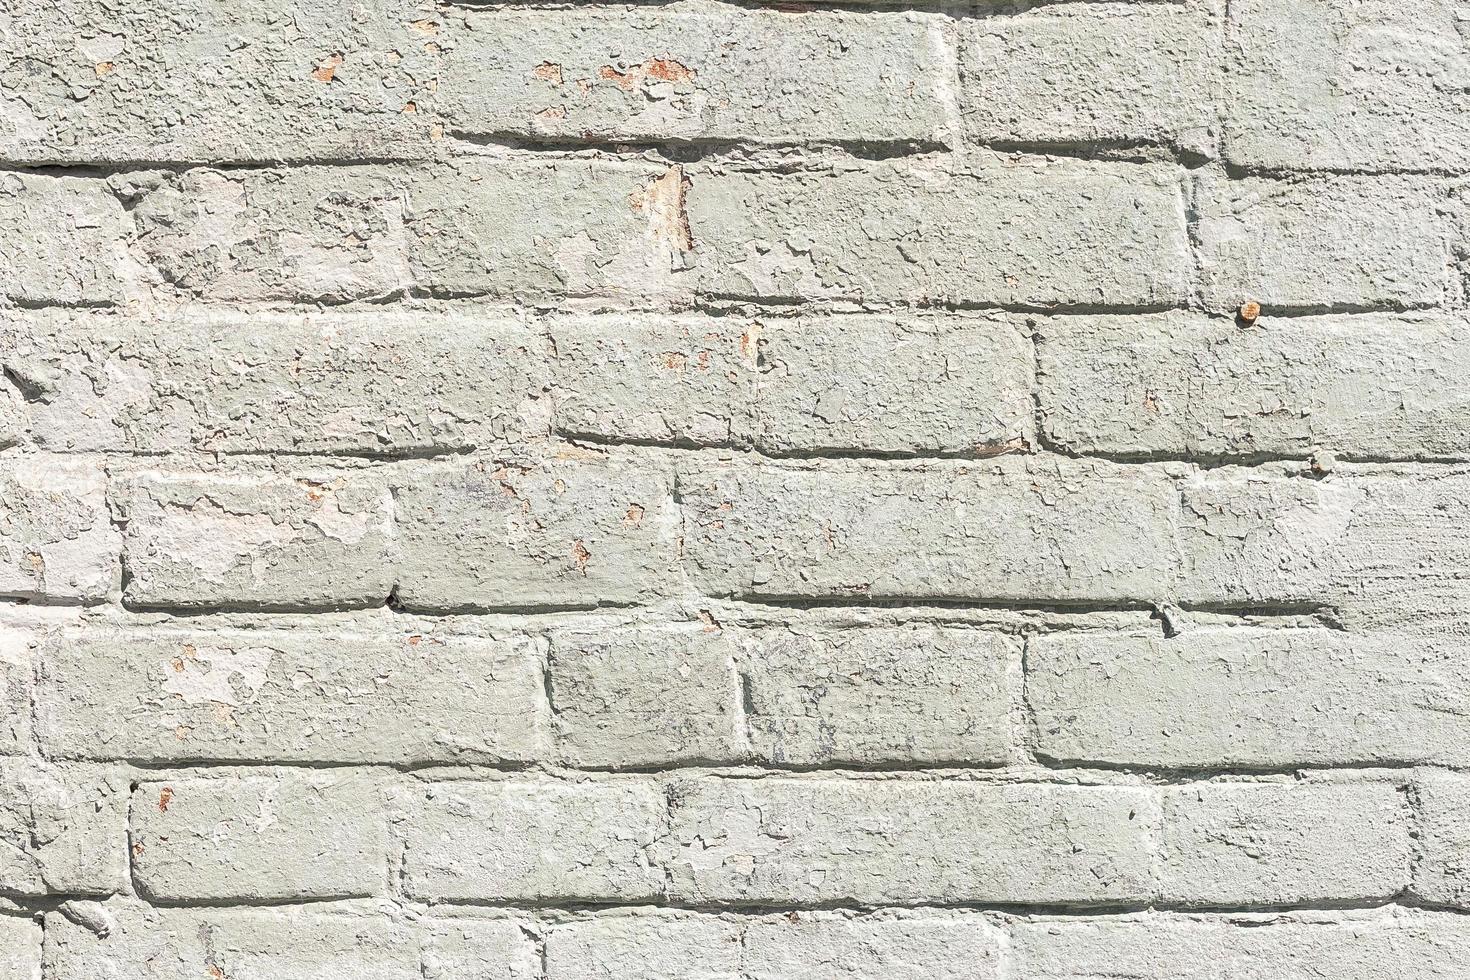 pared de ladrillo blanco. muro de hormigón blanco sucio foto